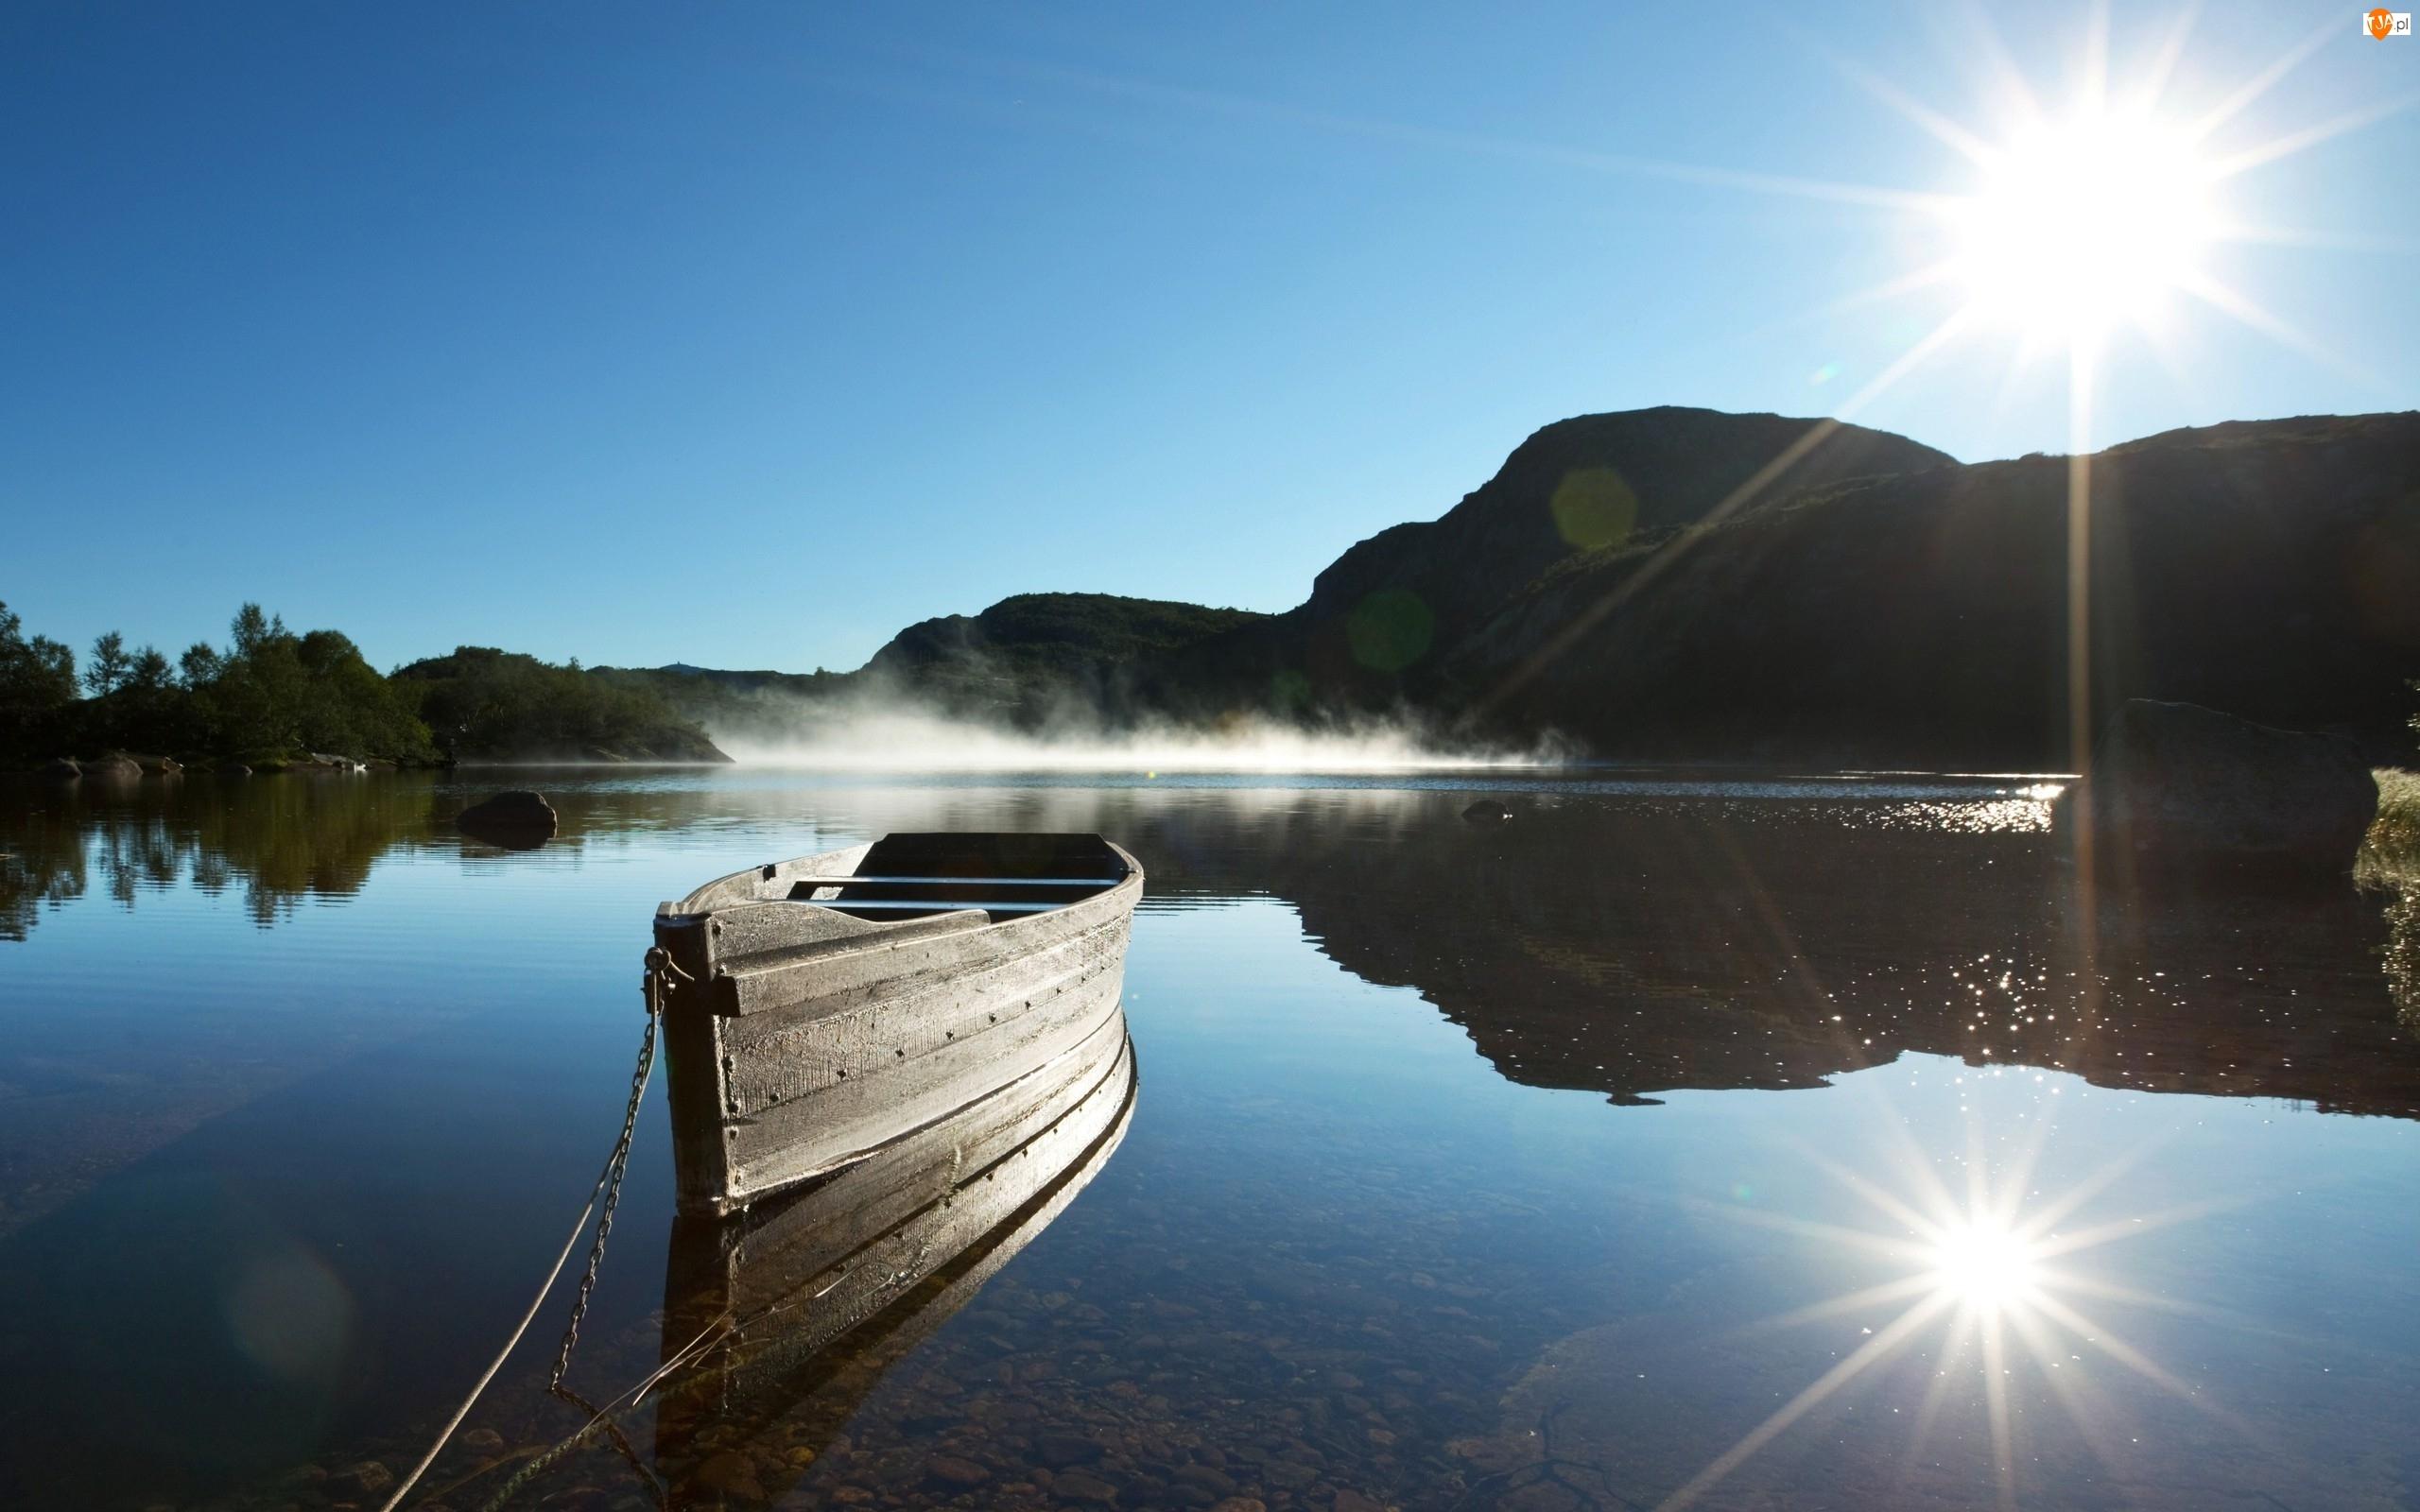 Jezioro, Wzgórza, Łódka, Promienie słońca